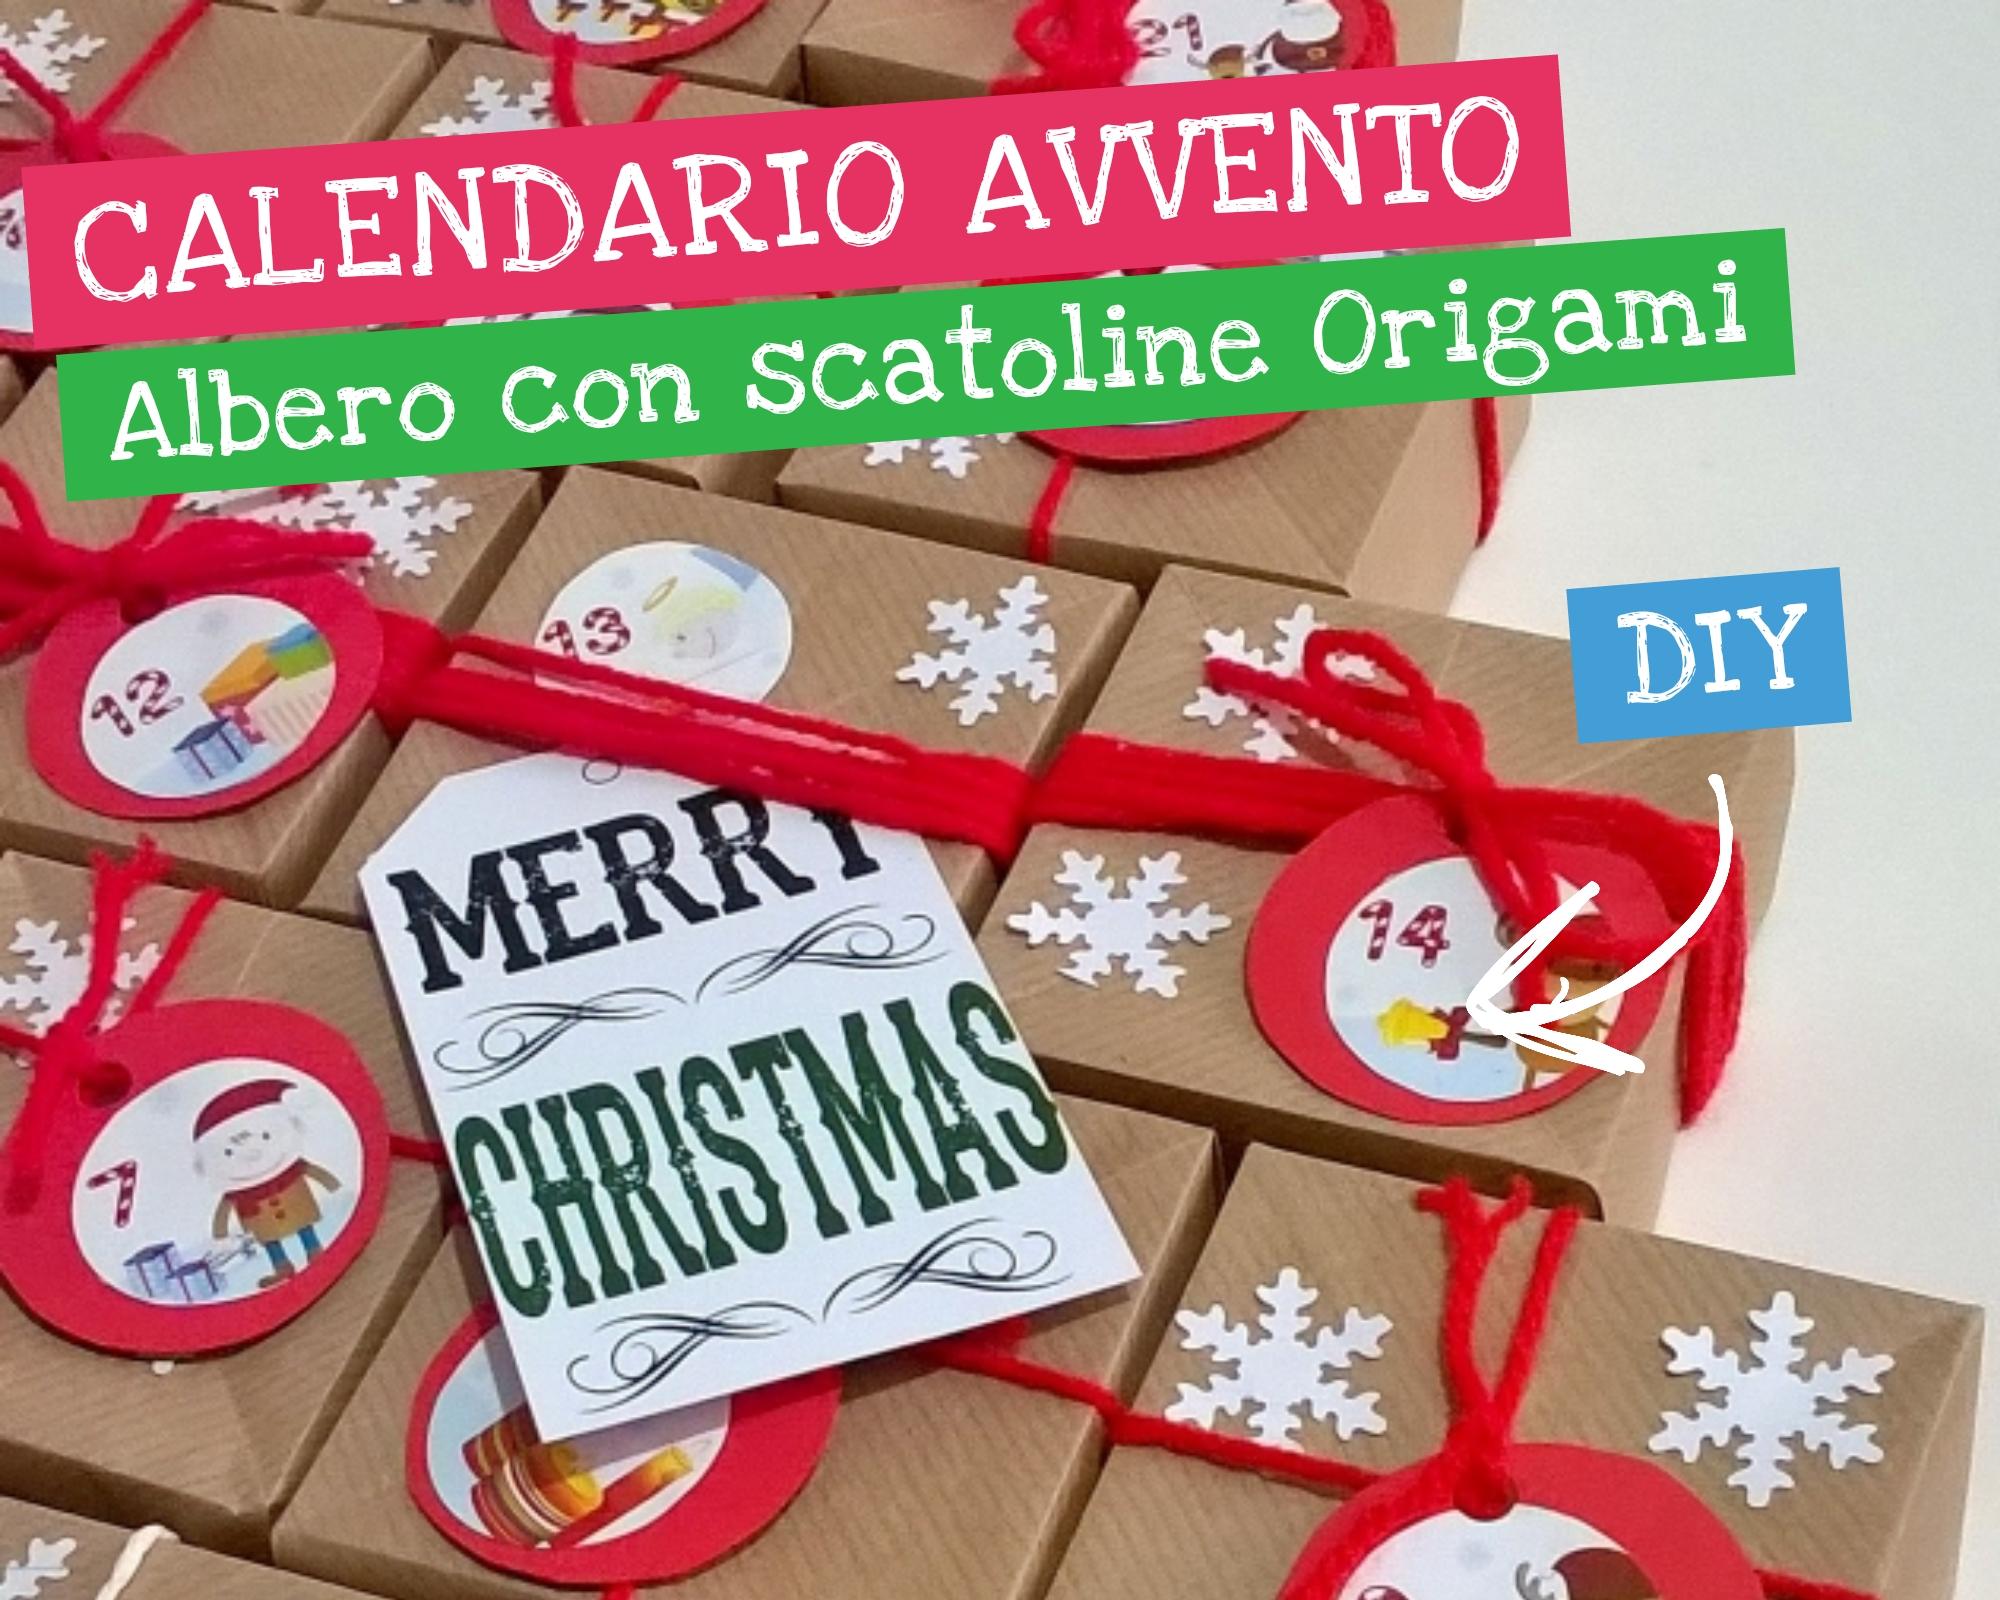 Creare Calendario Avvento.Calendario Dell Avvento Origami Diventare Mamma